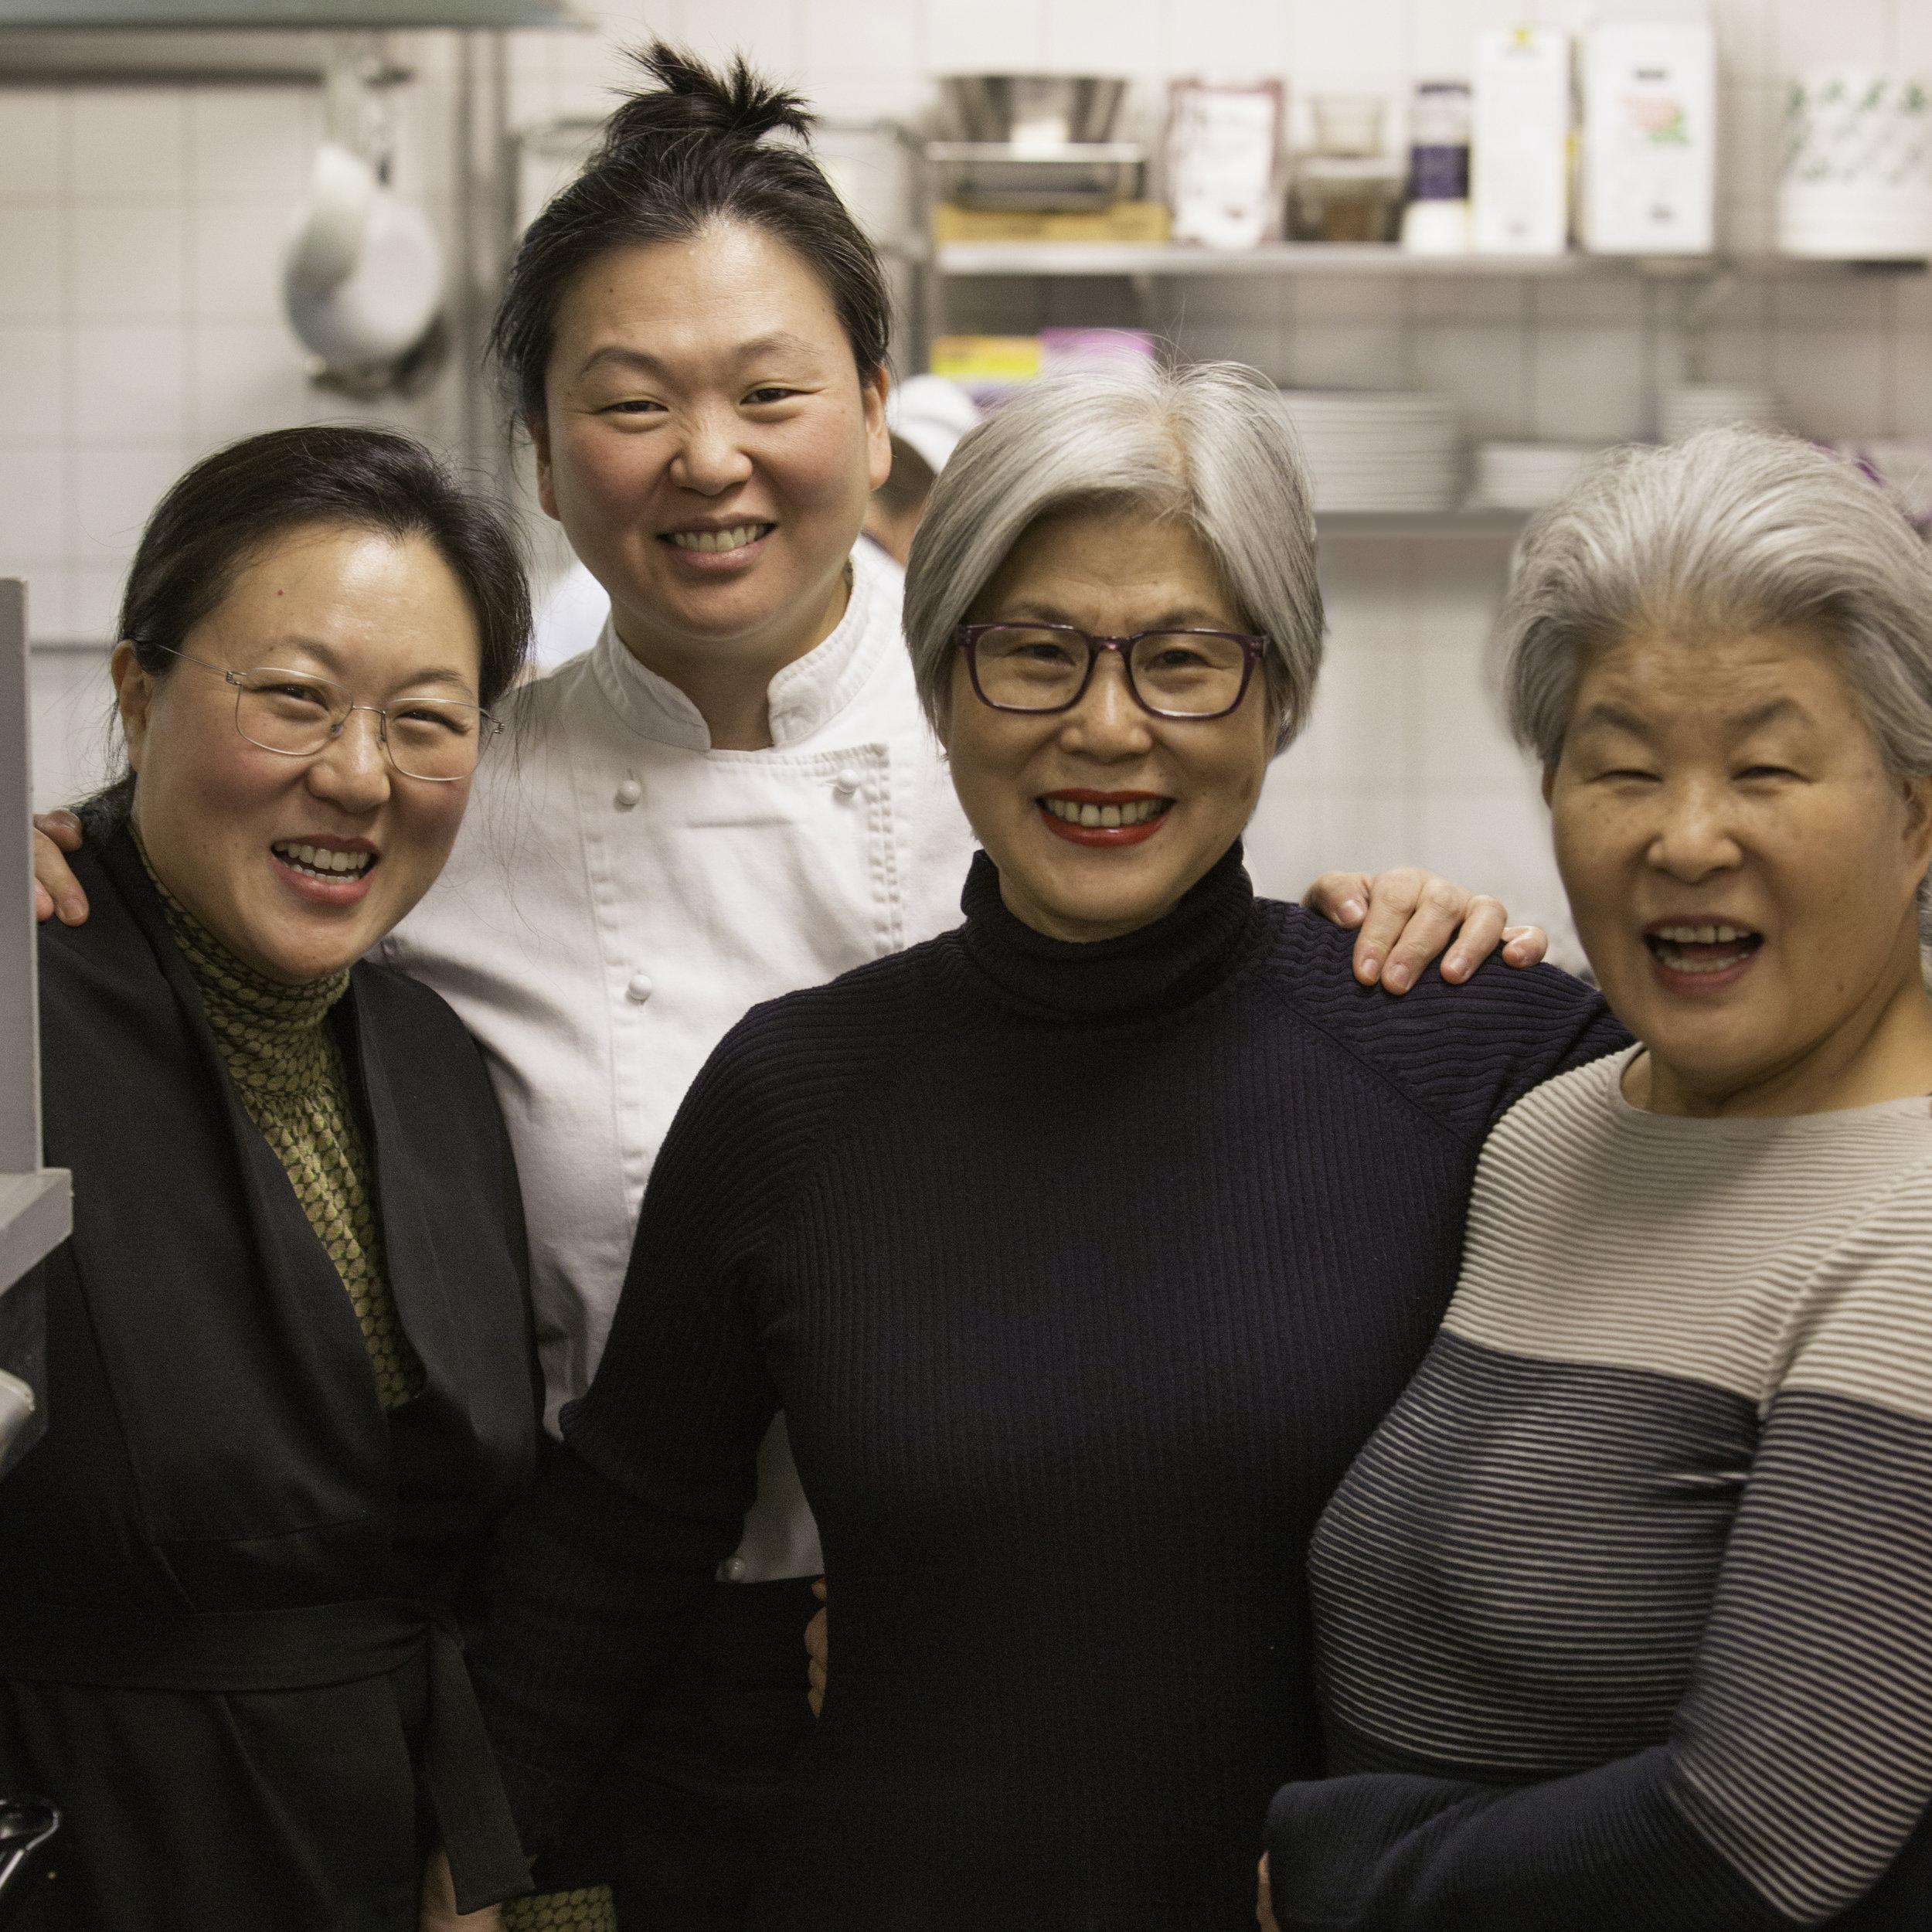 """Byung-Hi, Byung-Soon, moster """"Imo"""" Kee Sun och Mamma Boo Mee Ja i köket på Restaurang Arirang. Här föddes såserna som nu finns att köpa i vanliga mataffärer.  Fotograf: Gustaf Brundin"""